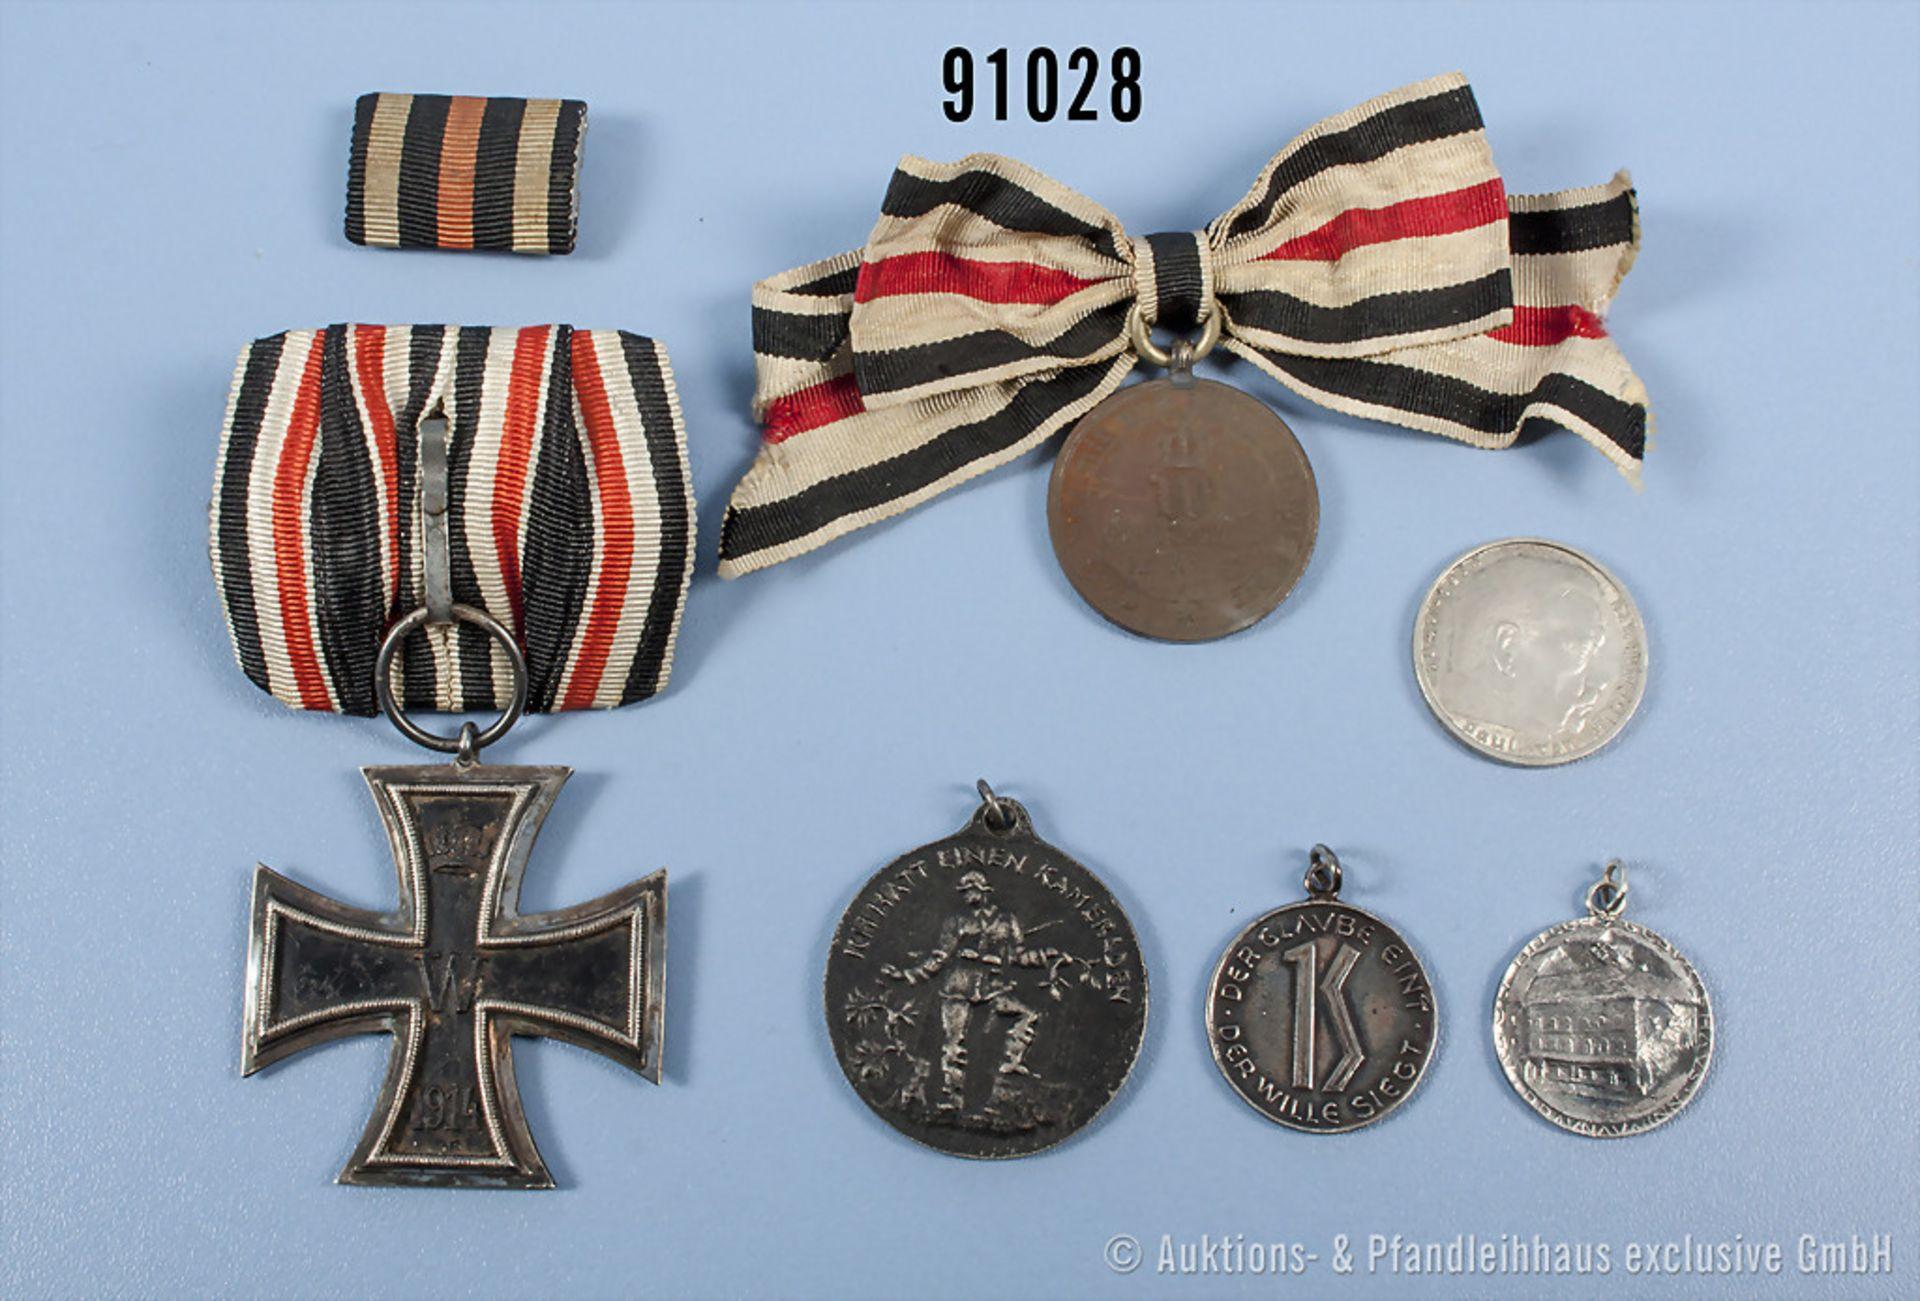 """Konv. KDM 1870/71 aus Stahl an der Damenschleife, EK 2 1914, patriotische Medaille 1. WK """"Ich hatt"""